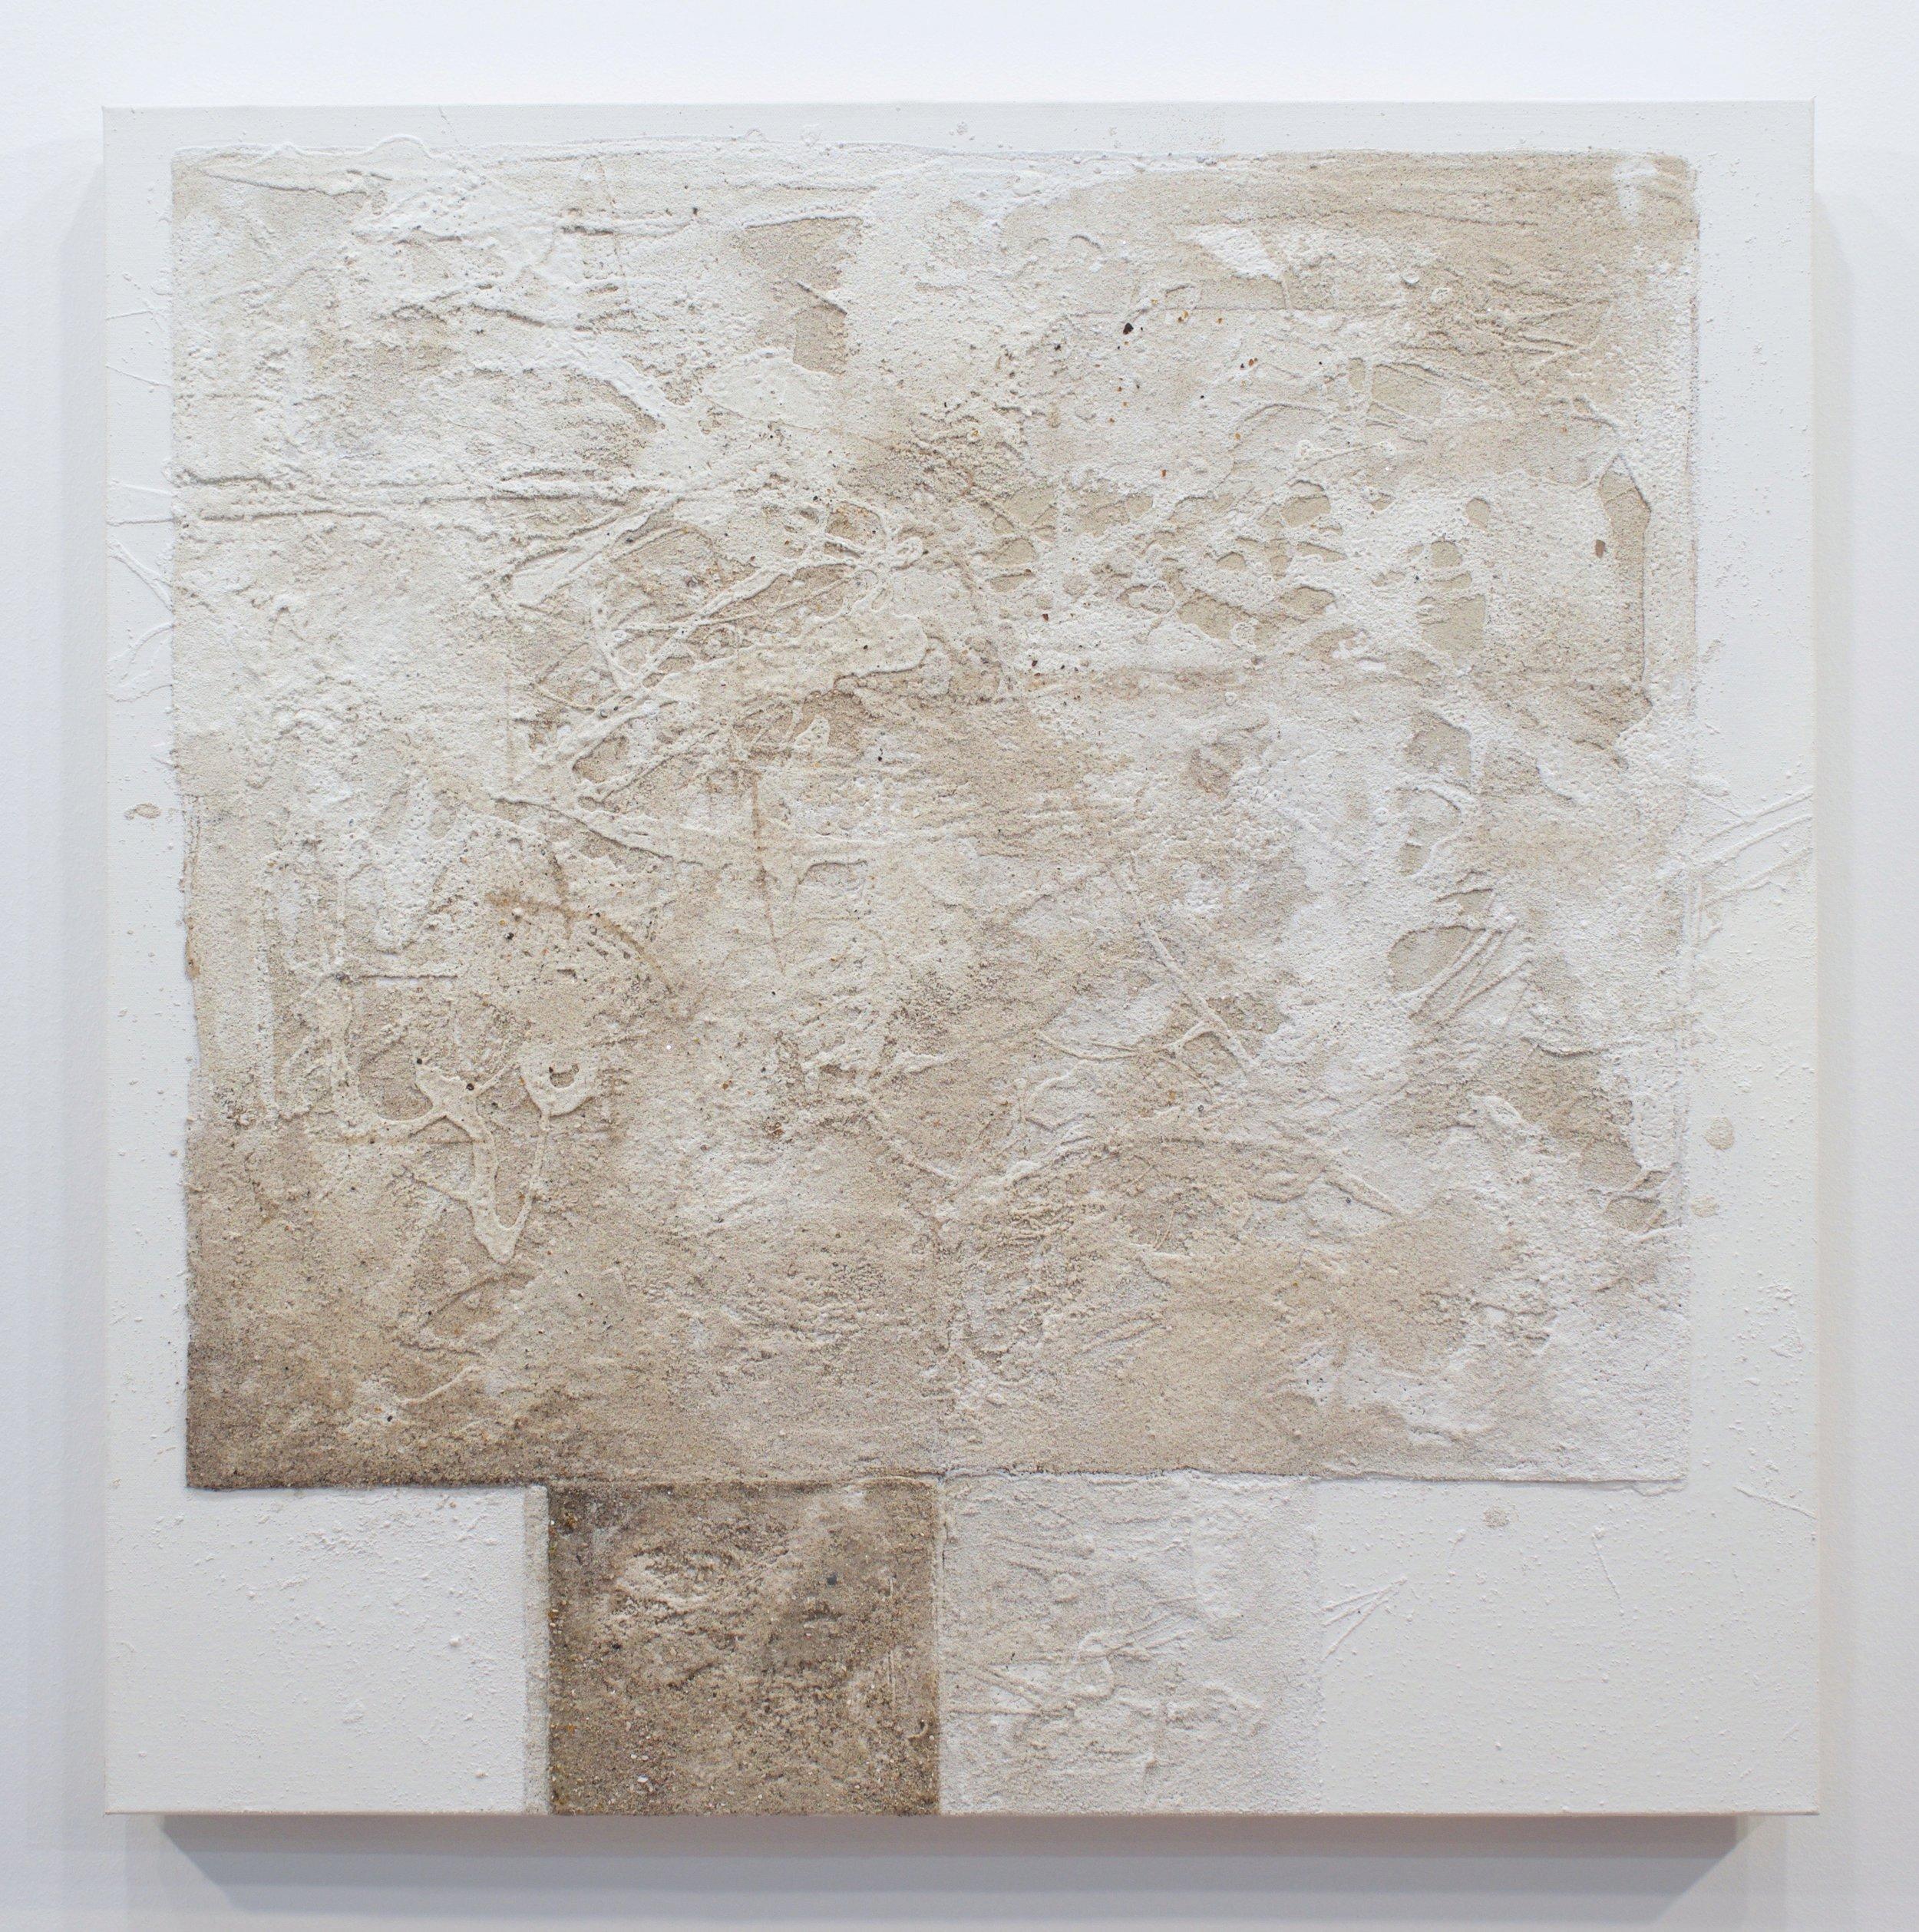 Mark Van Wagner, Sandbox II, 2016. Sand and acrylic on canvas, 36 x 36 in.